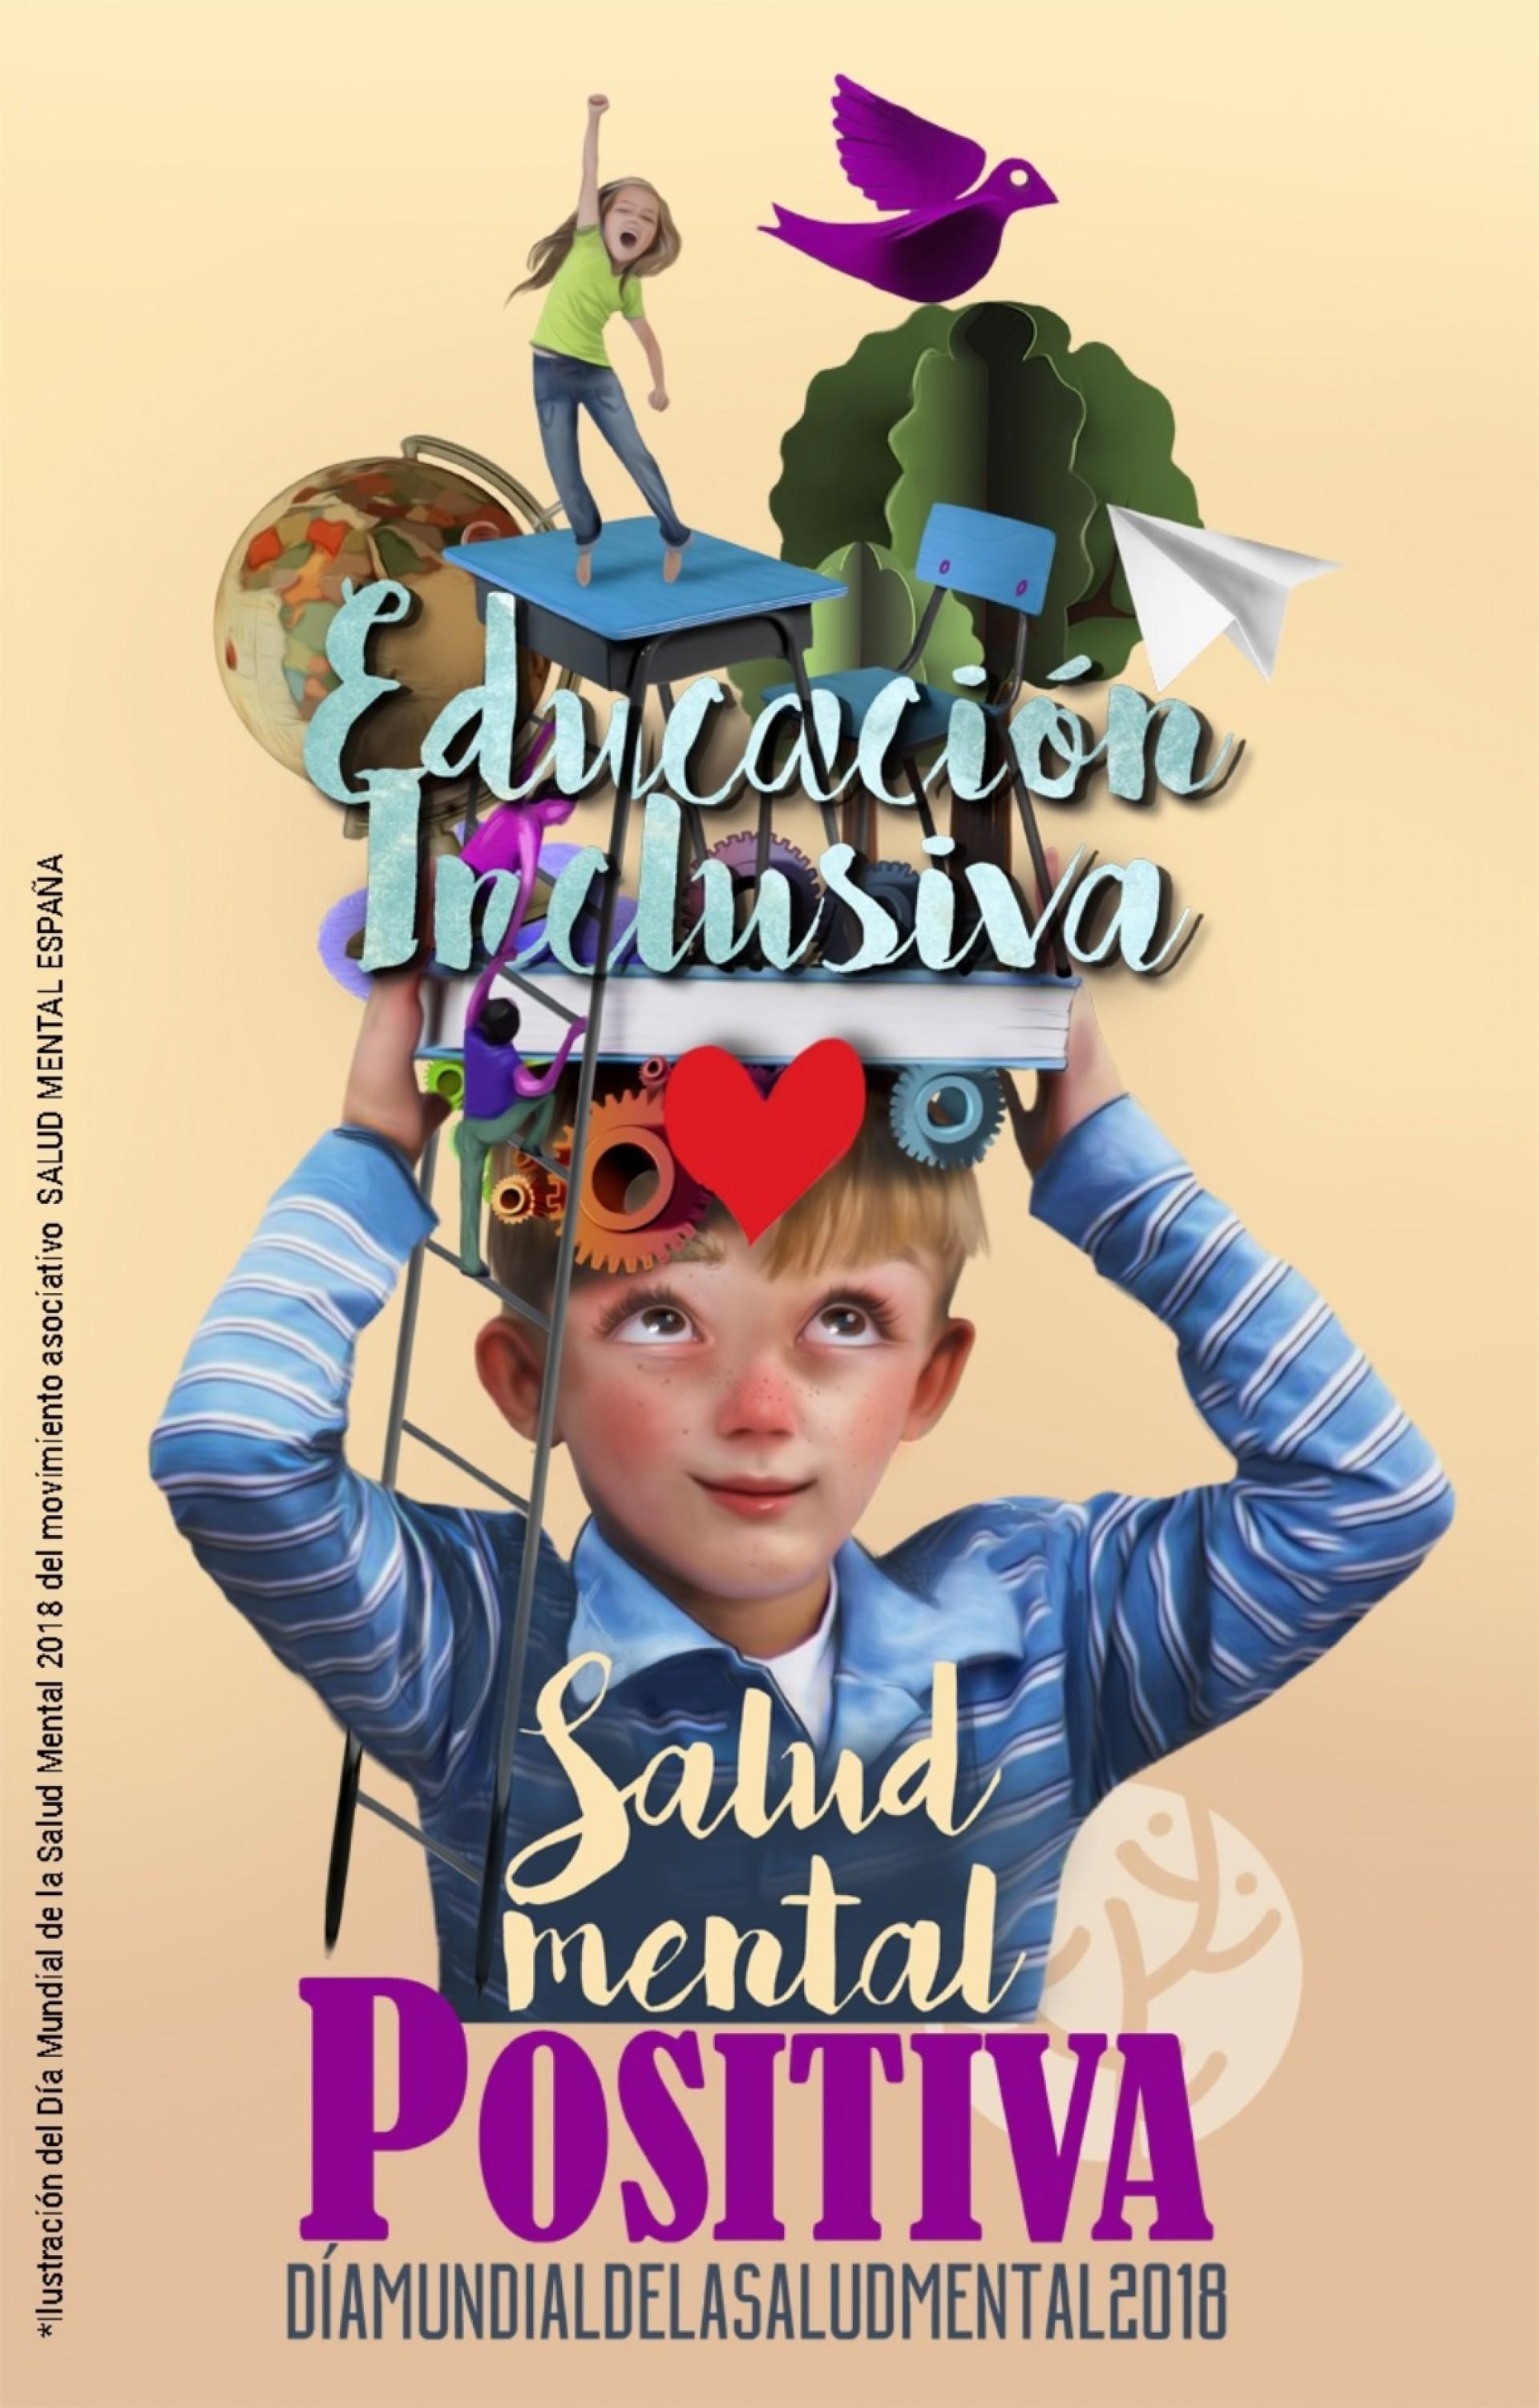 Día Mundial de la Salud Mental, por una educación inclusiva